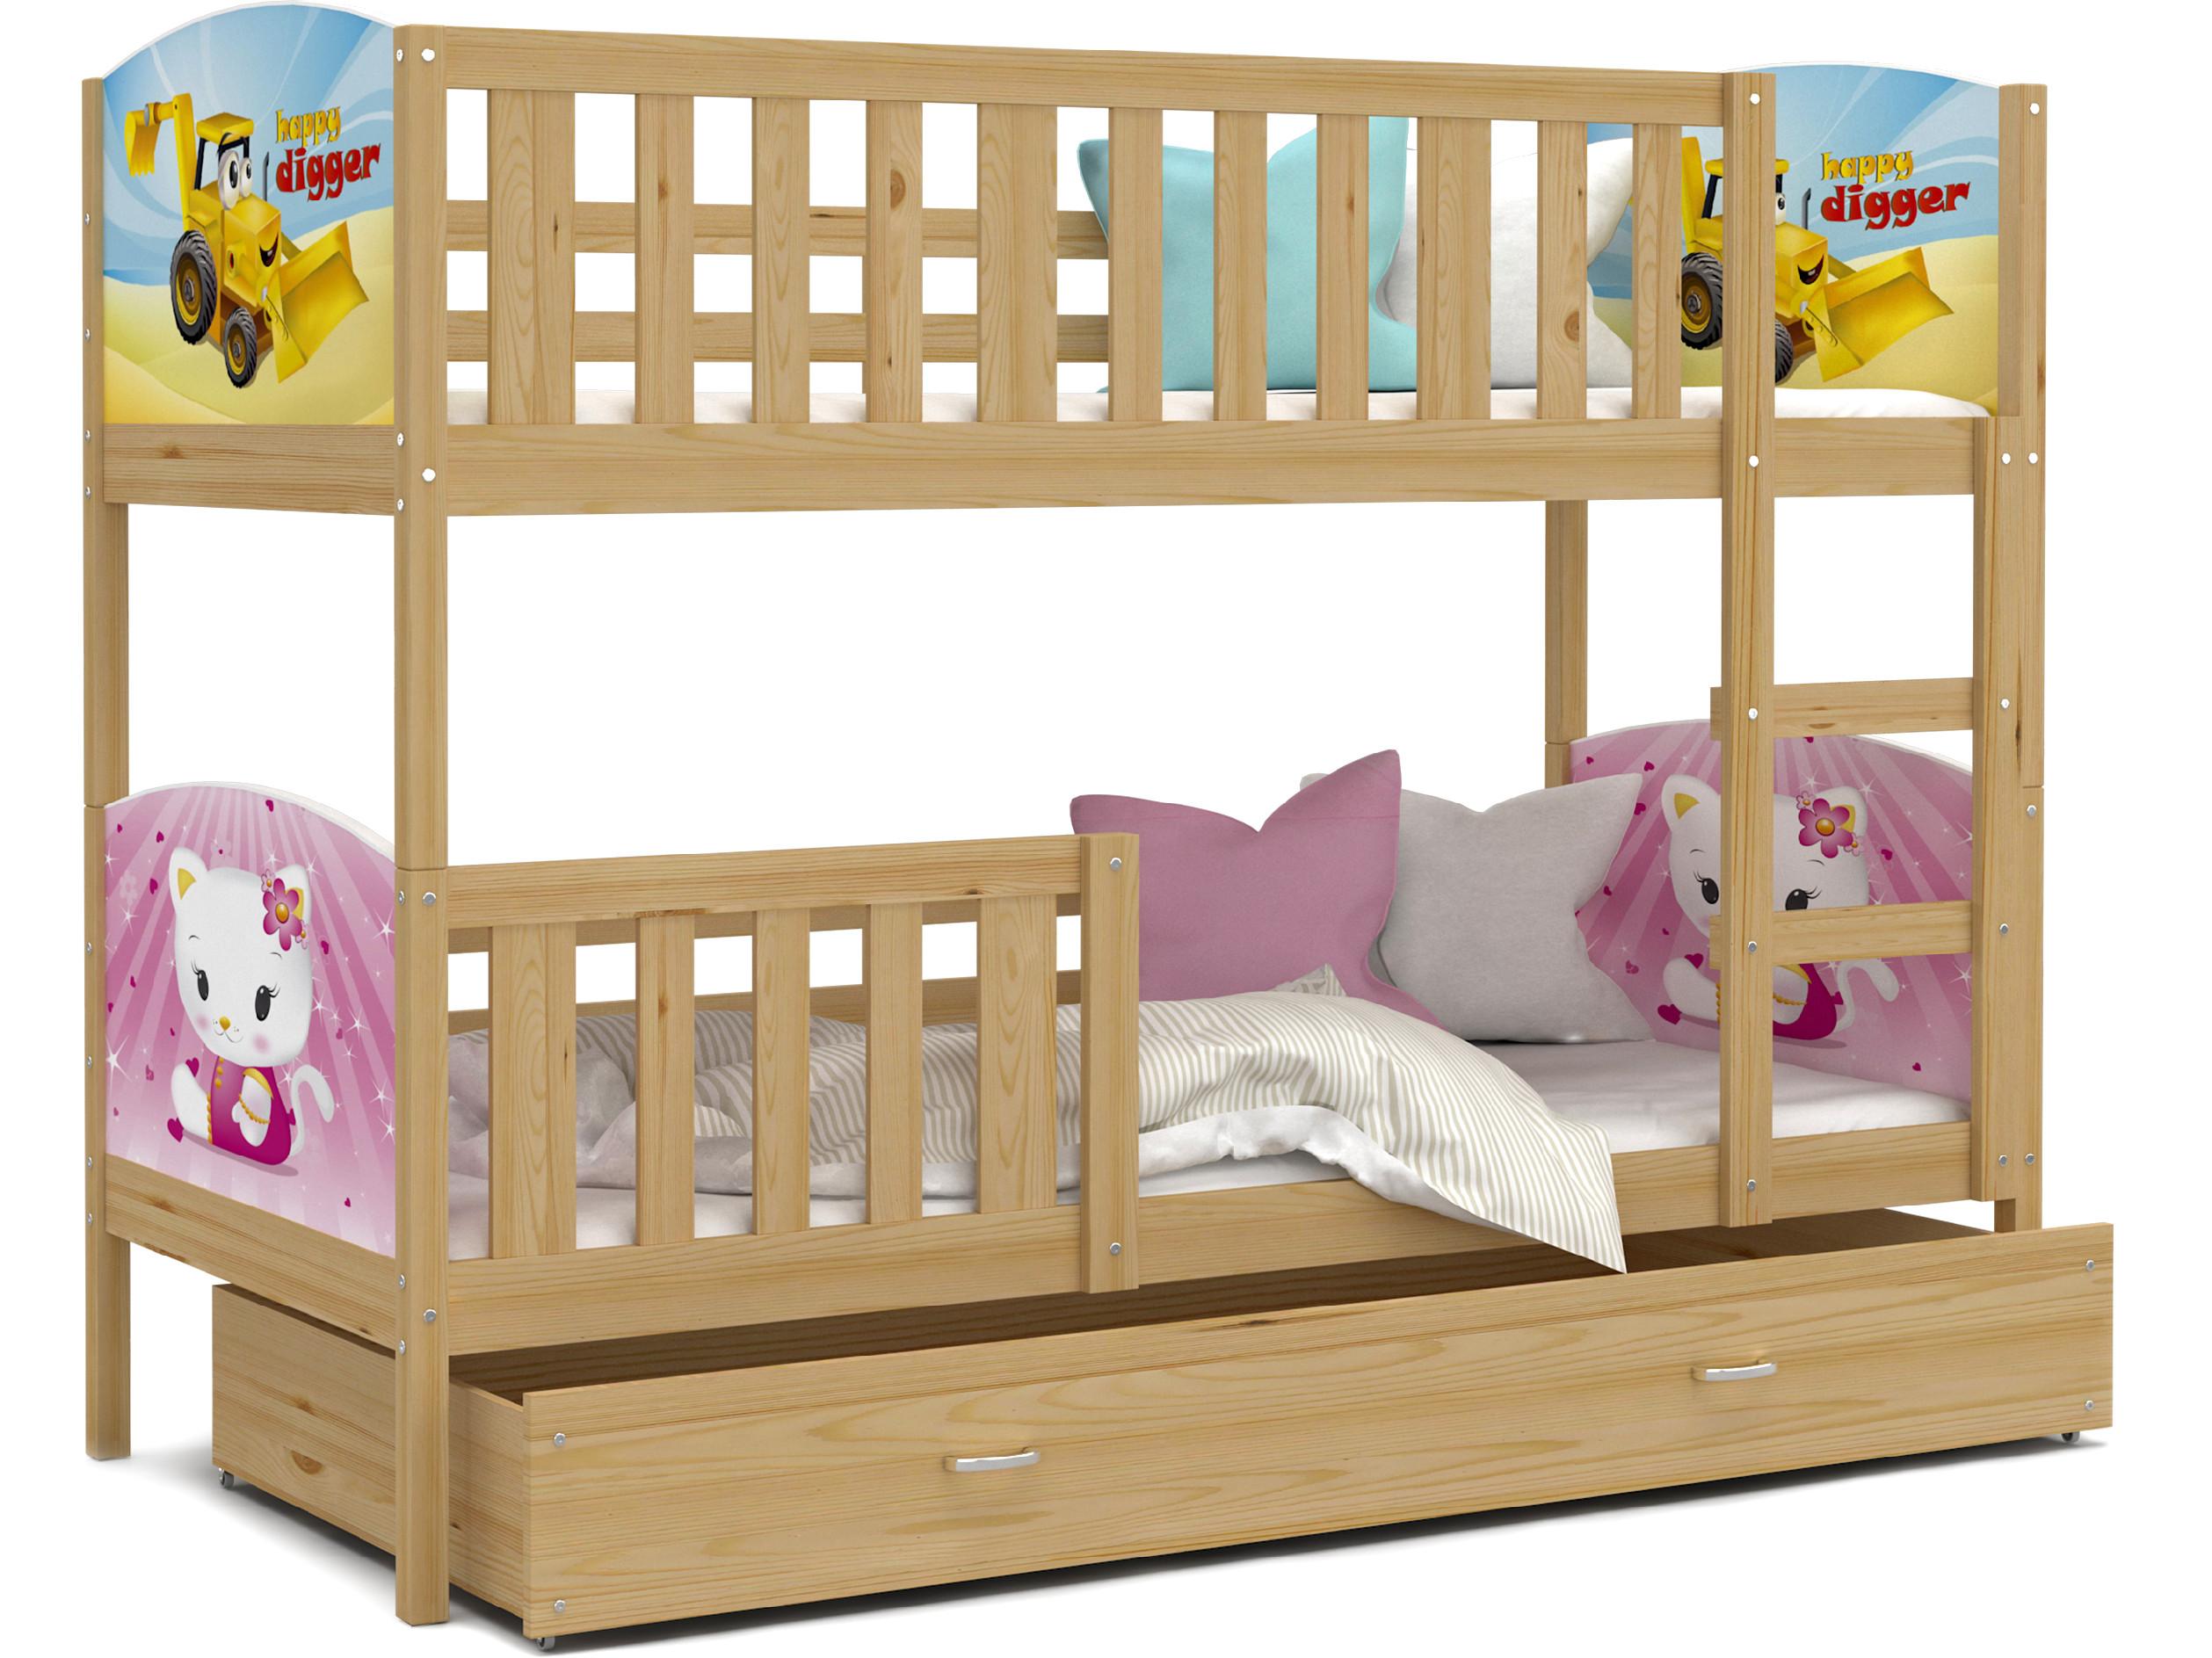 ArtAJ Detská poschodová posteľ Tami / borovica Tami rozmer: 160 x 80 cm, s matracom